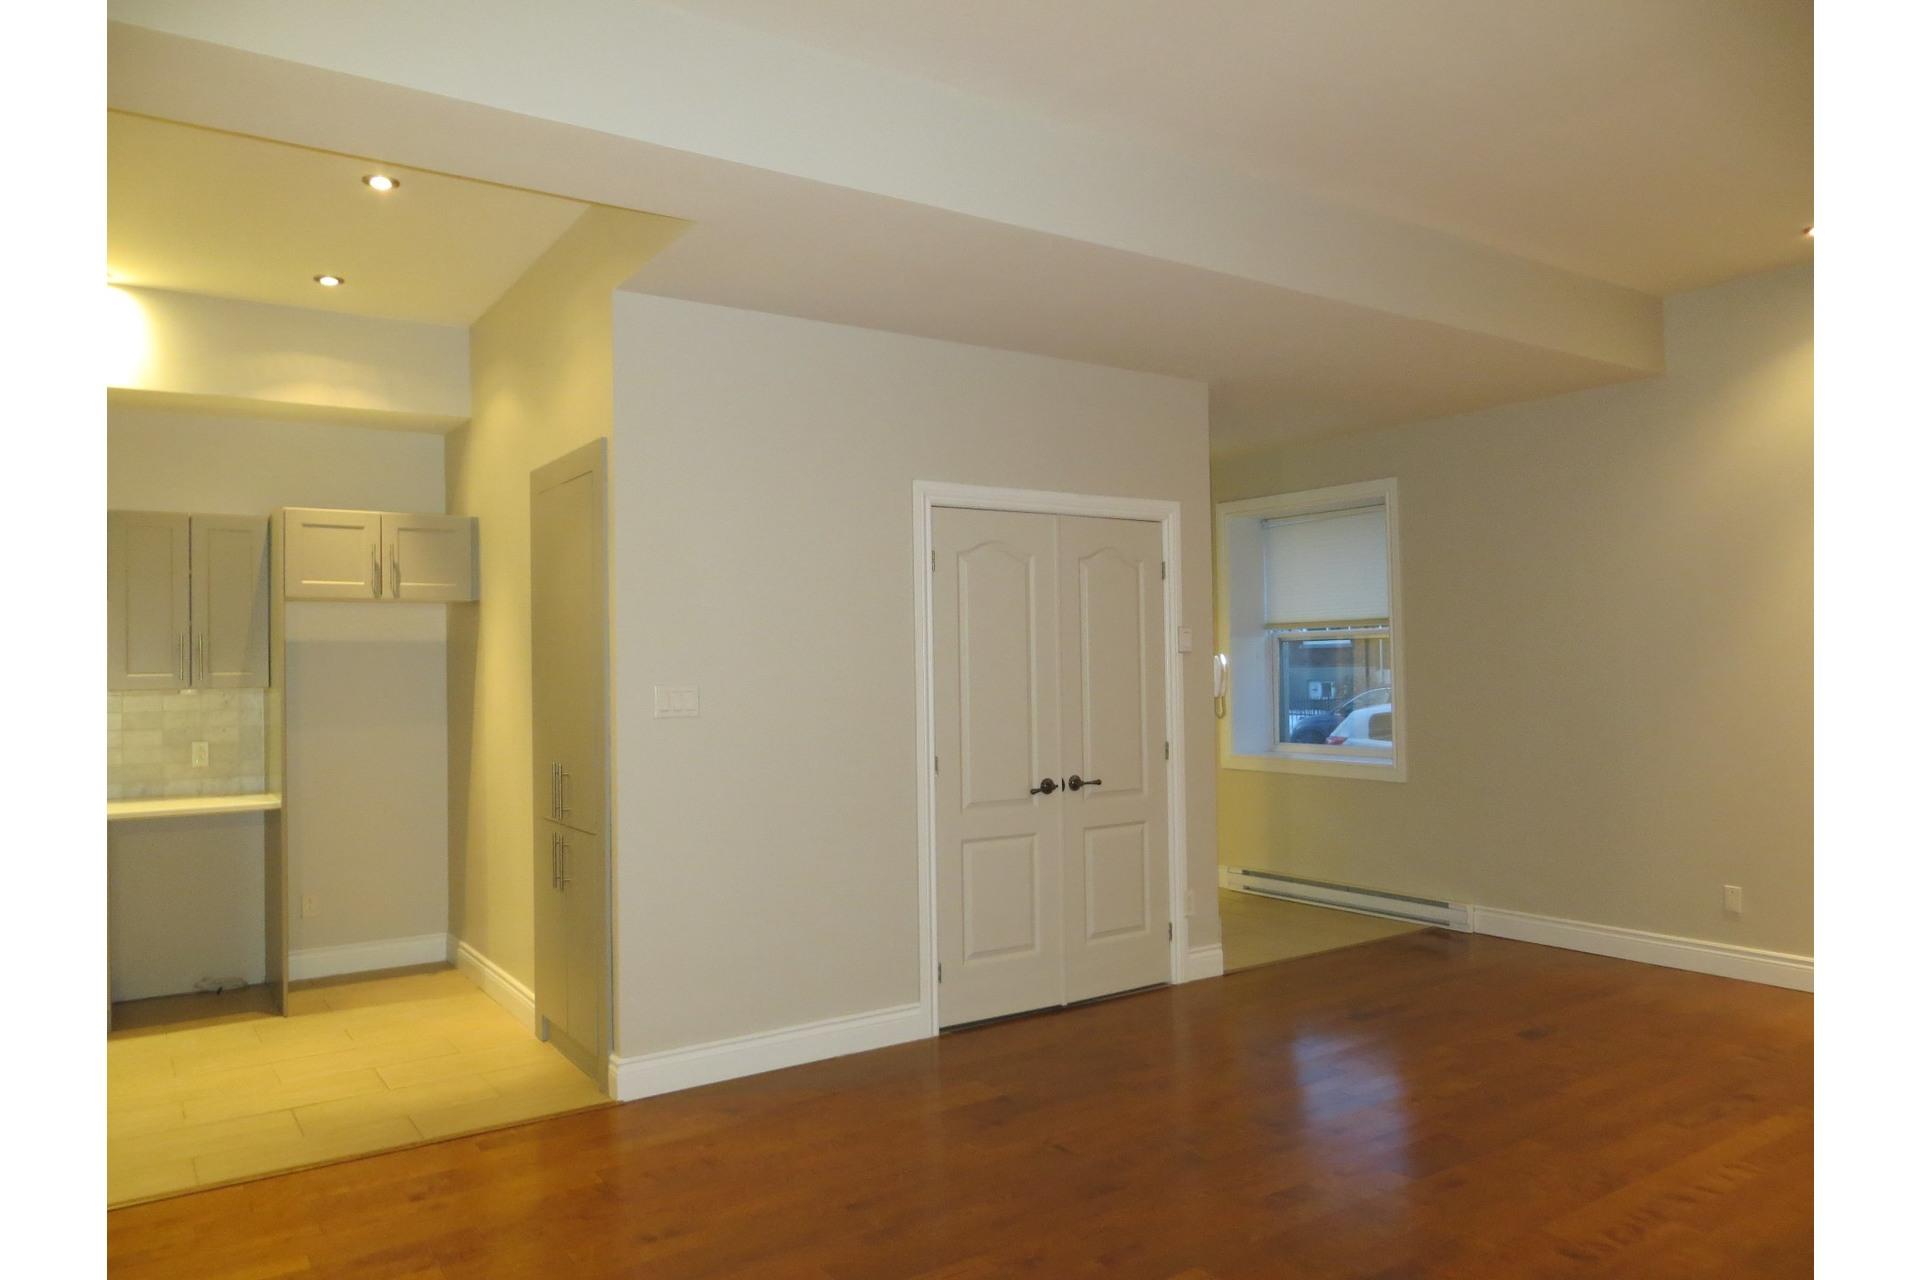 image 26 - Appartement À vendre Côte-des-Neiges/Notre-Dame-de-Grâce Montréal  - 5 pièces